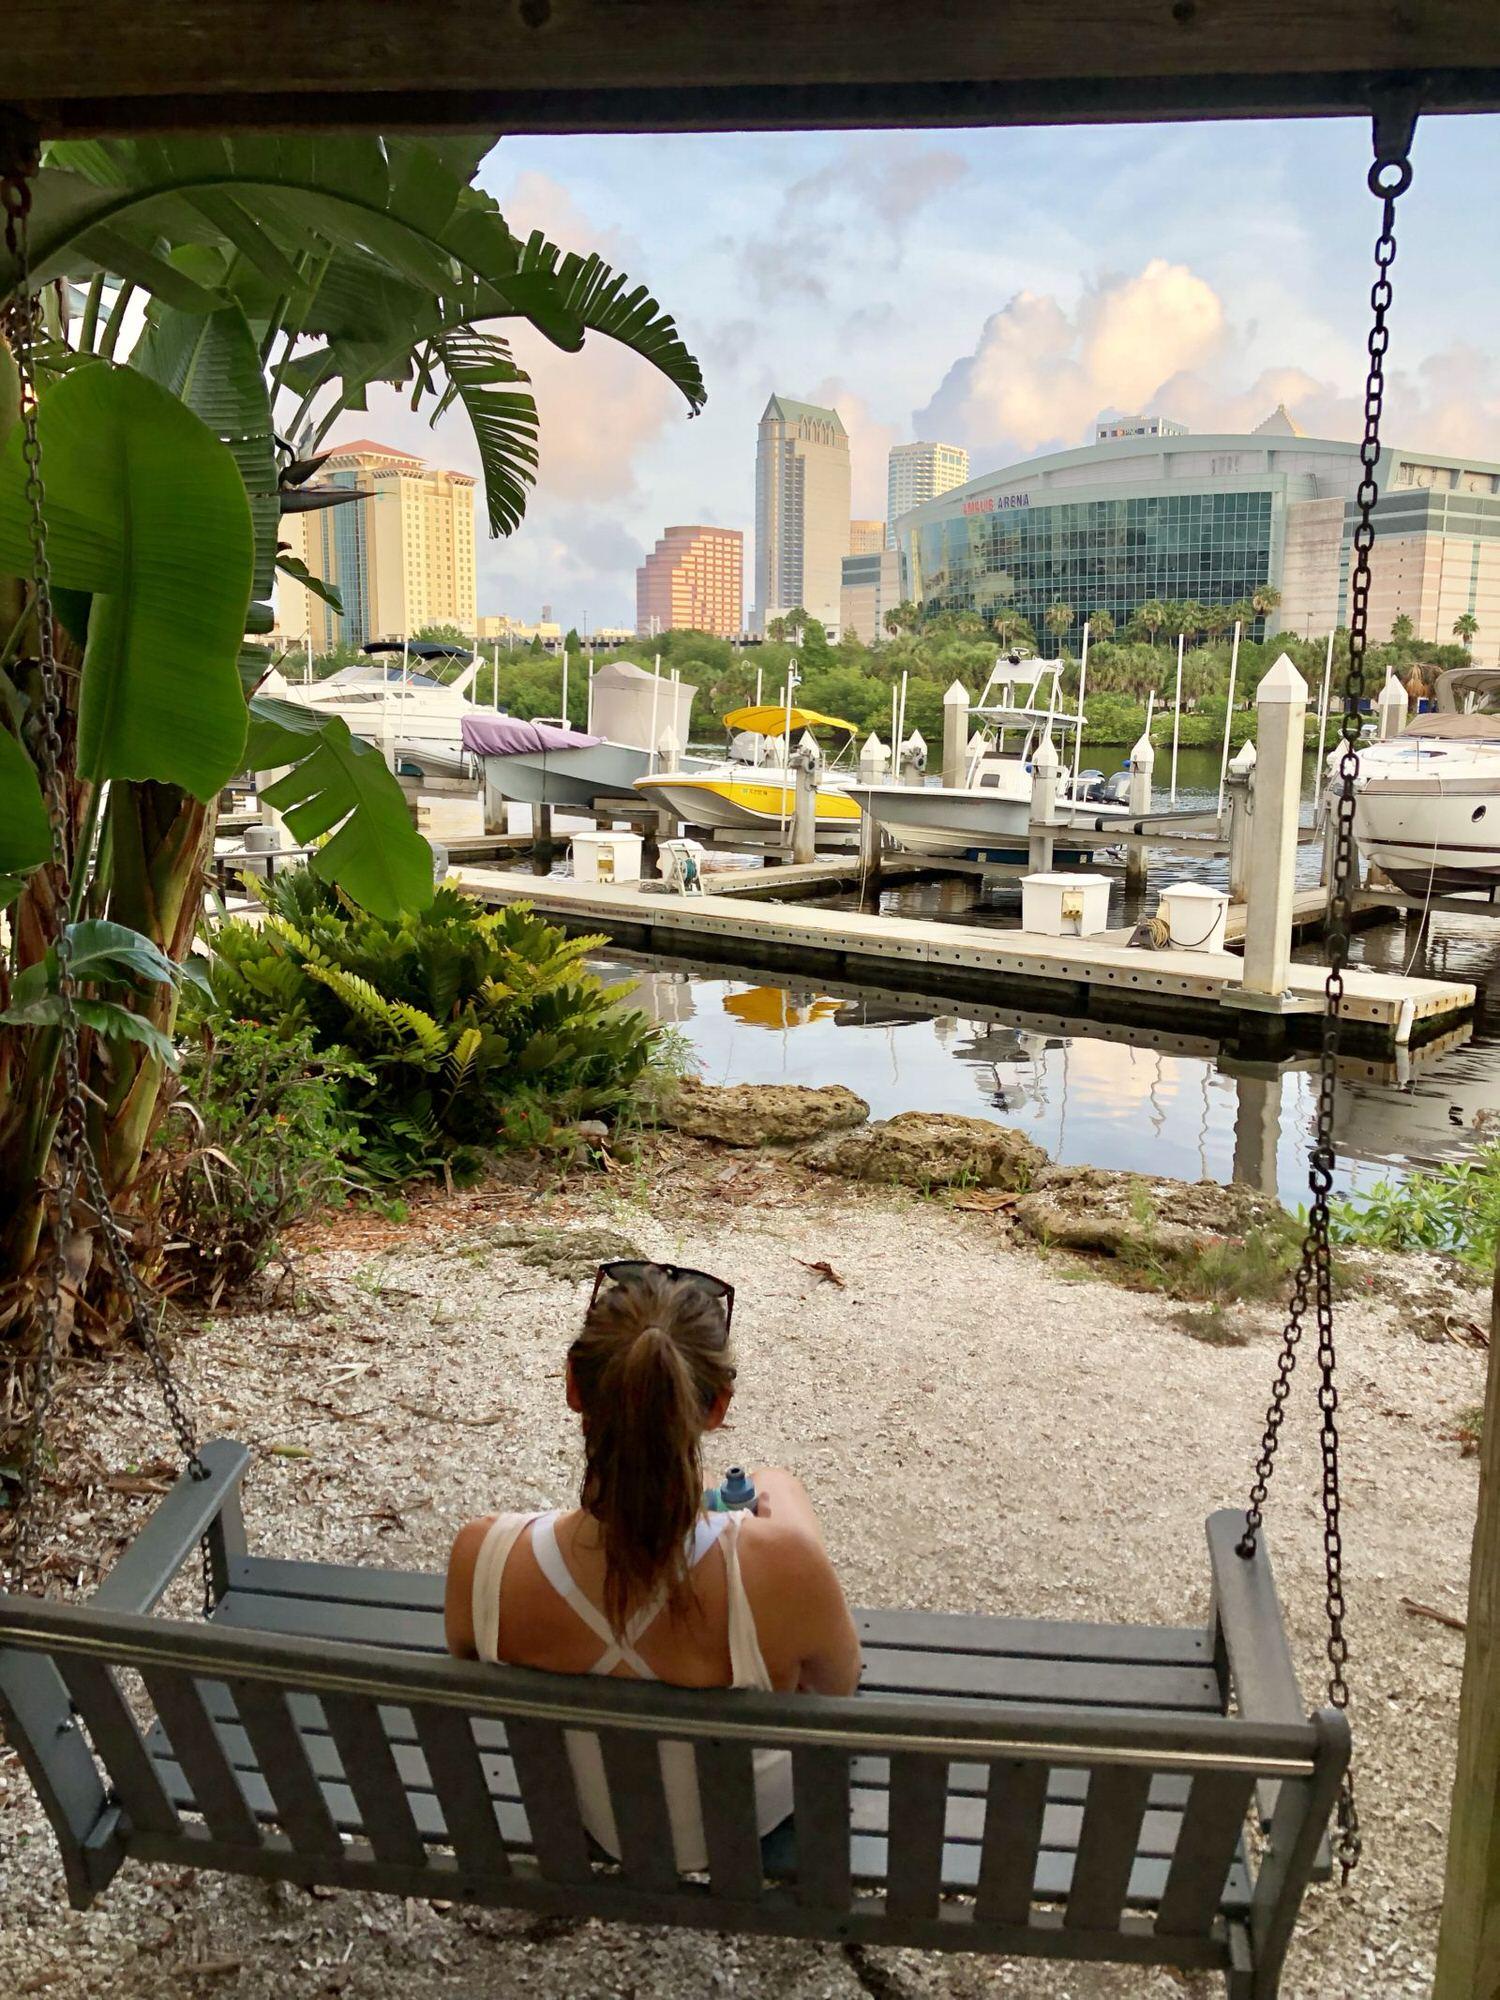 Active Travel Tampa Bay